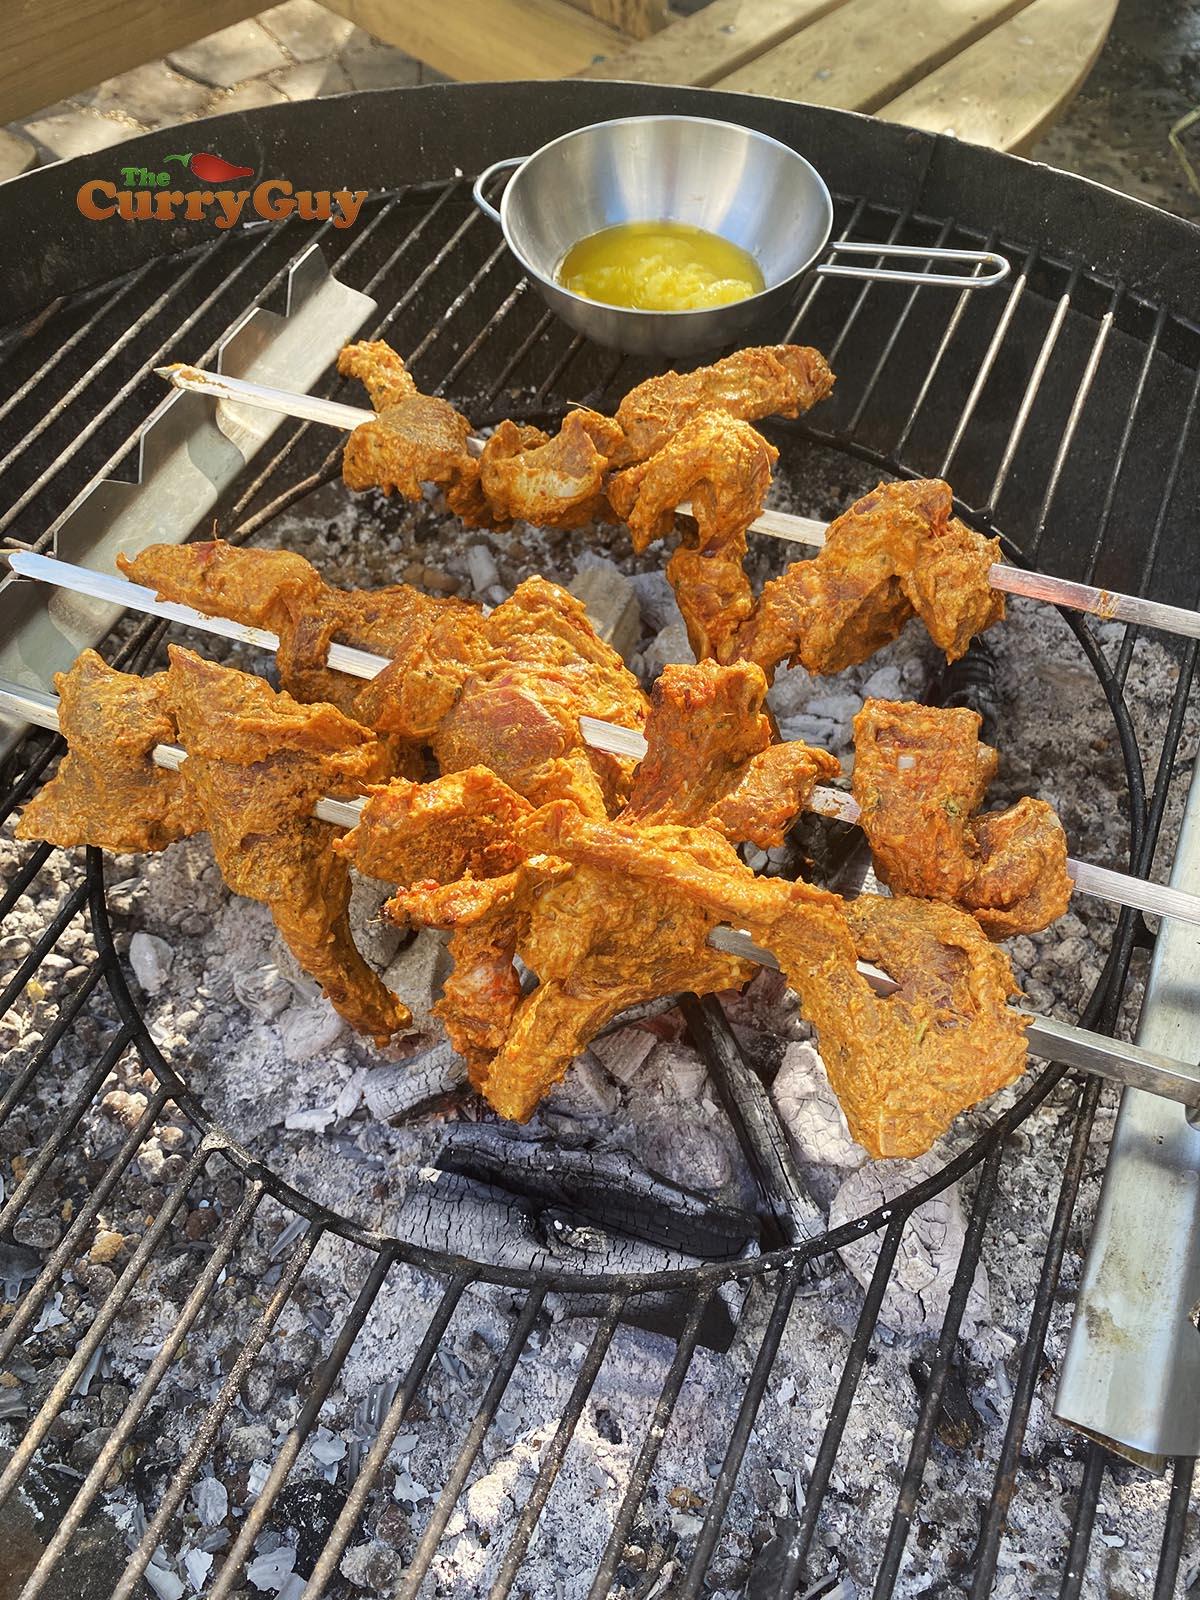 Cooking Burra kebabs